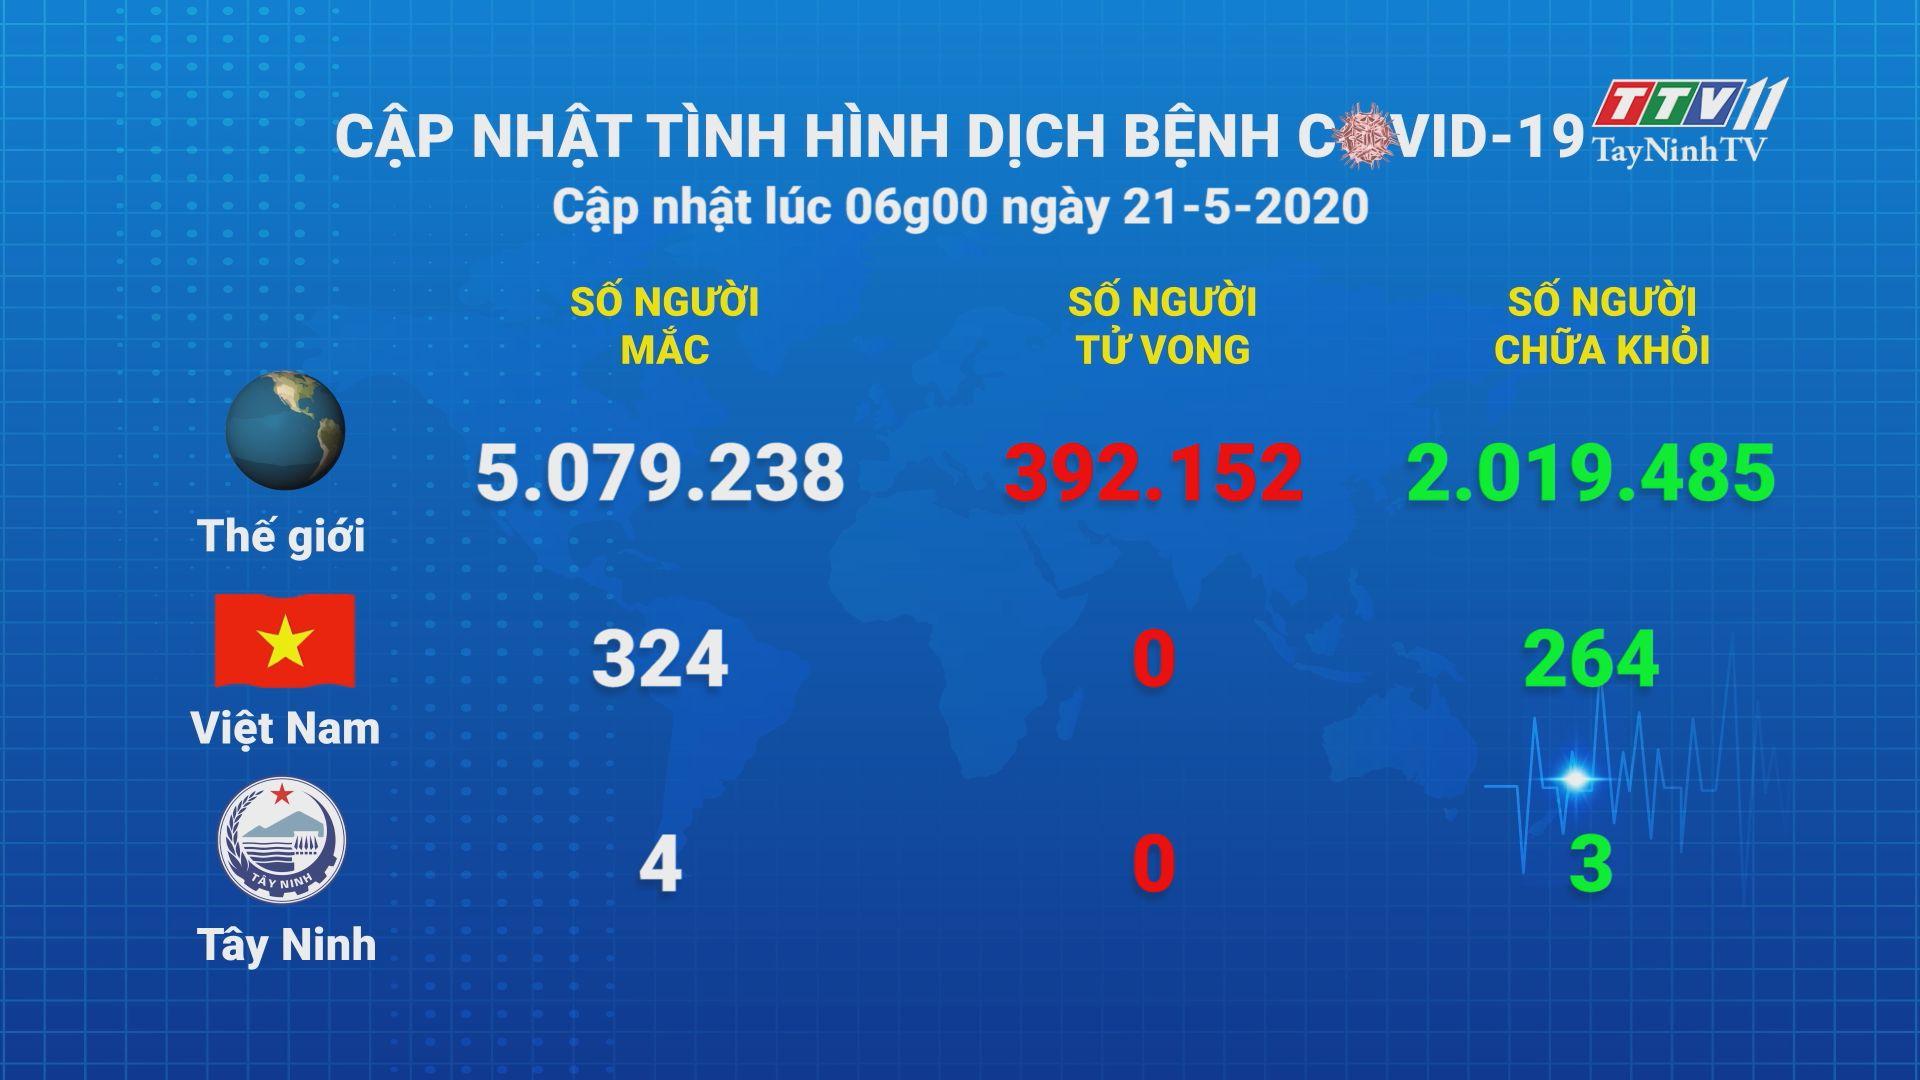 Cập nhật tình hình Covid-19 vào lúc 06 giờ 21-5-2020 | Thông tin dịch Covid-19 | TayNinhTV